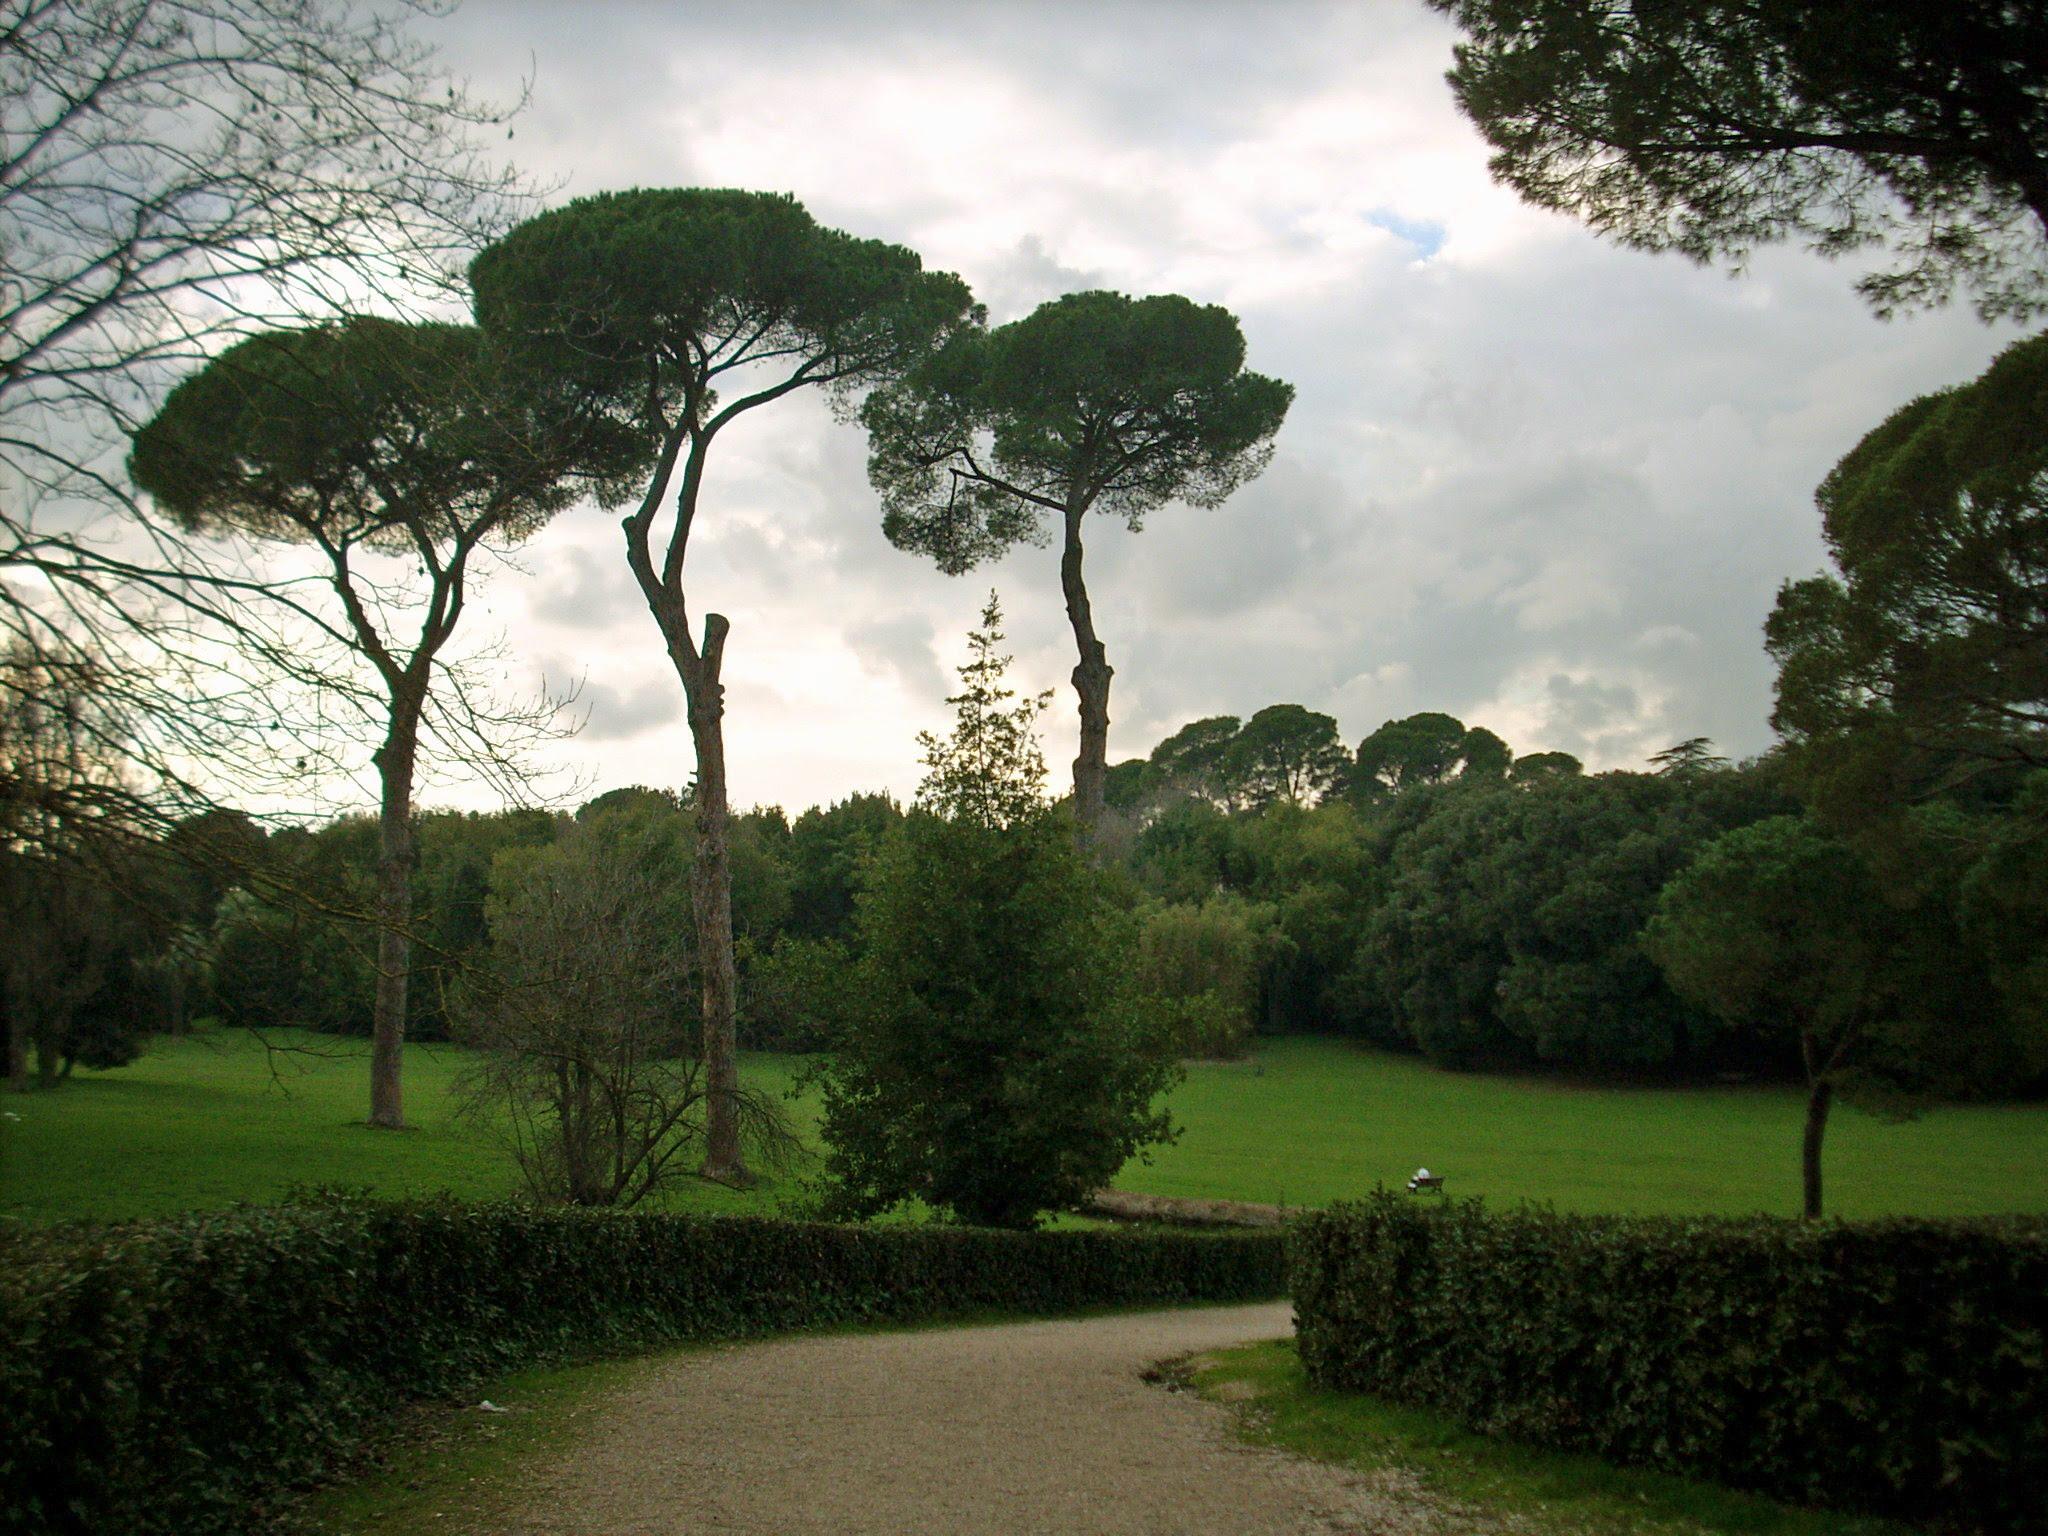 Villa Savoia, where Mussolini was arrested